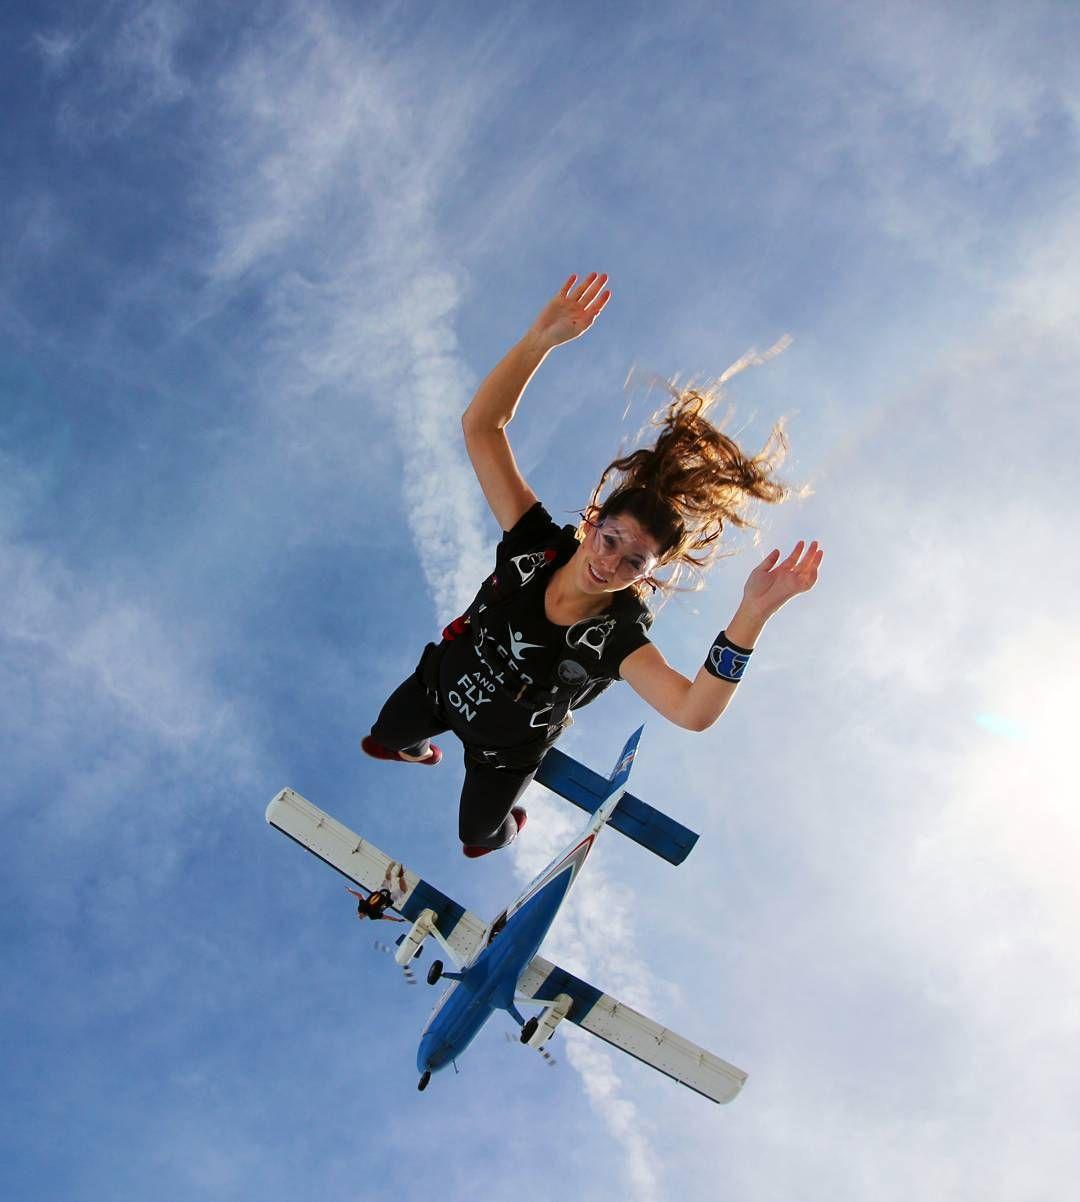 u201c Adrena_lady Stephanie Garza Insta xxxxx ? Jumps 58 Canopy Sabre 2  sc 1 st  Pinterest & Adrena_lady: Stephanie Garza Insta: xxxxx ? Jumps: 58 Canopy ...